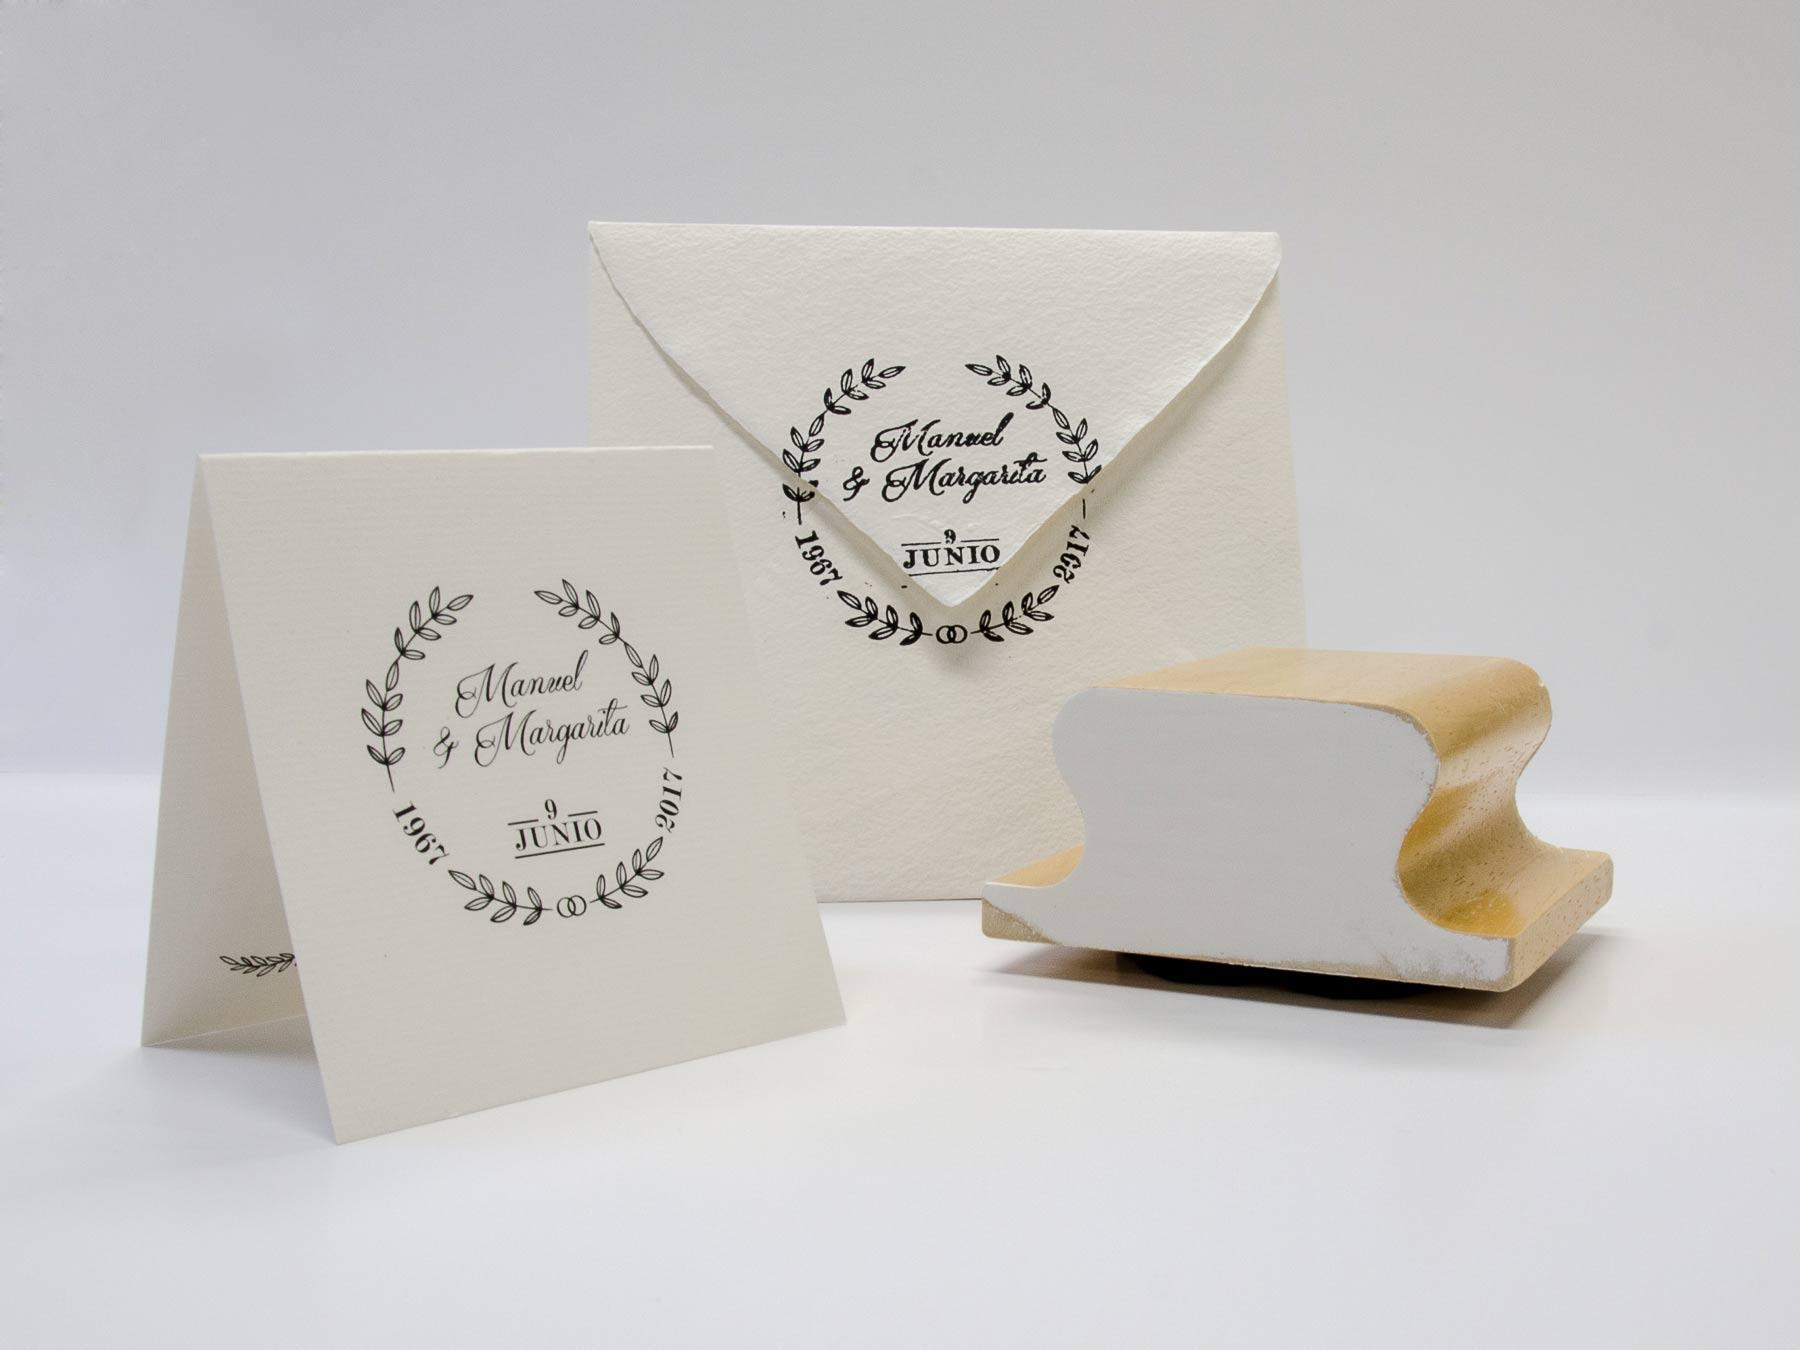 Diseño invitación, sobre y sello 50 aniversario de bodas